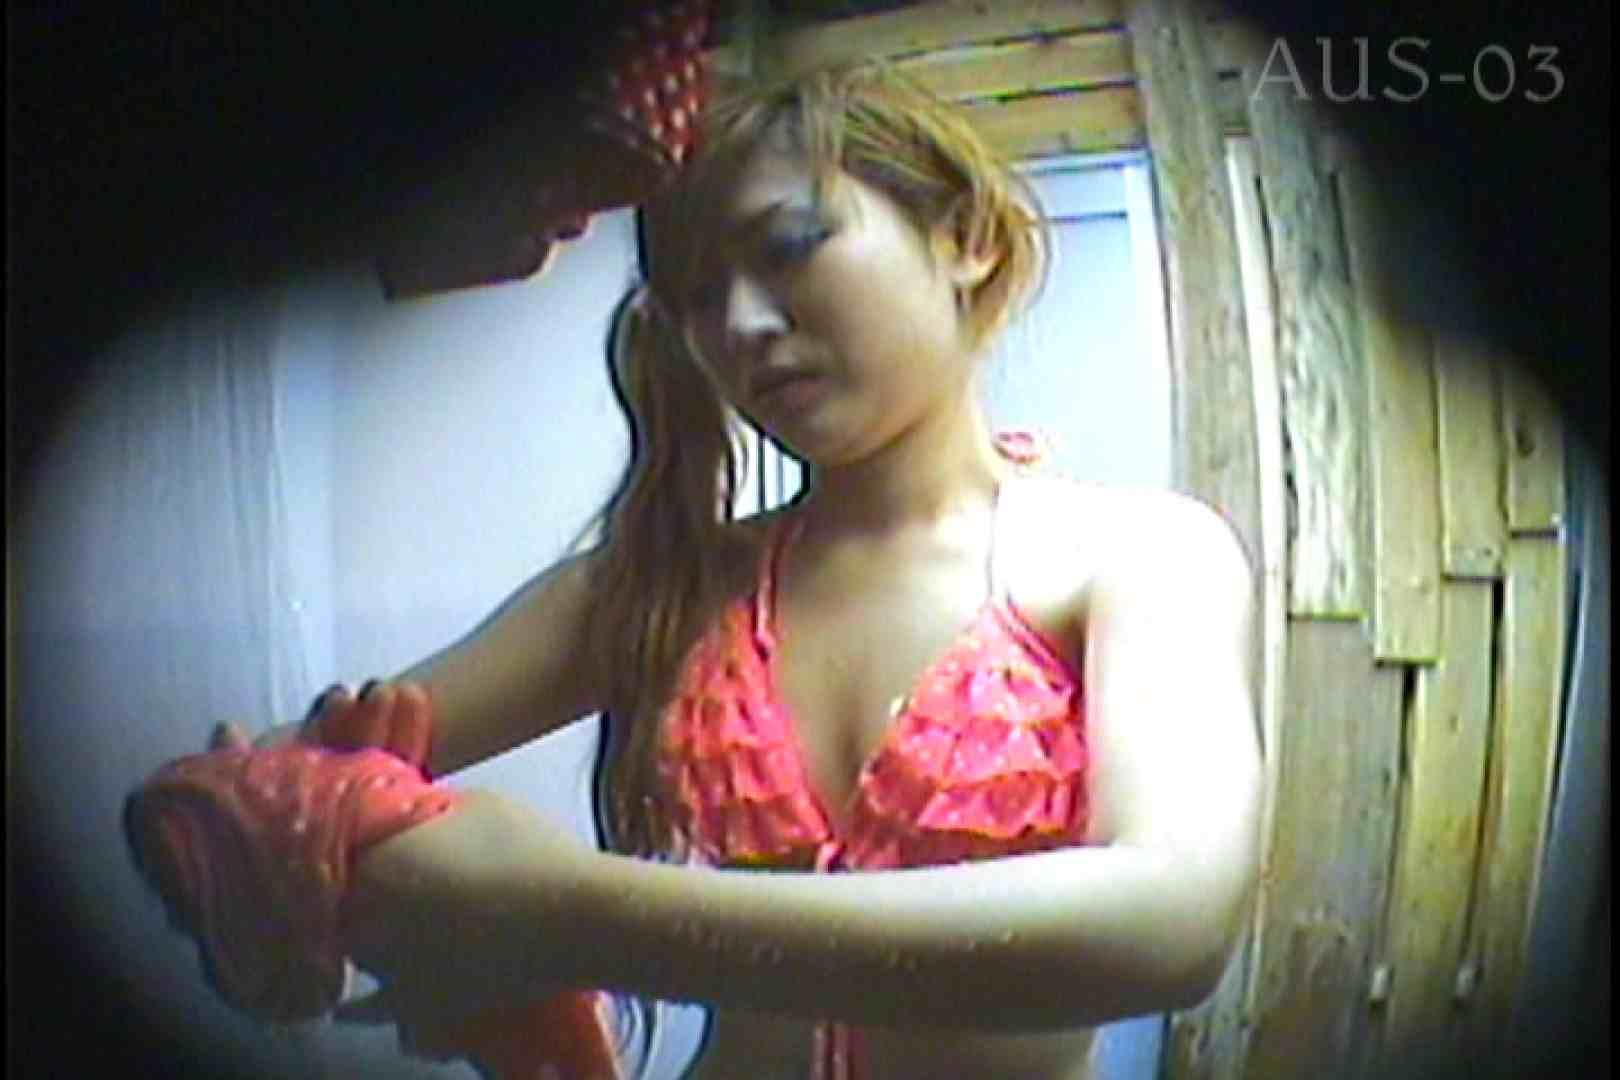 海の家の更衣室 Vol.14 日焼けした肌 オメコ動画キャプチャ 91画像 26